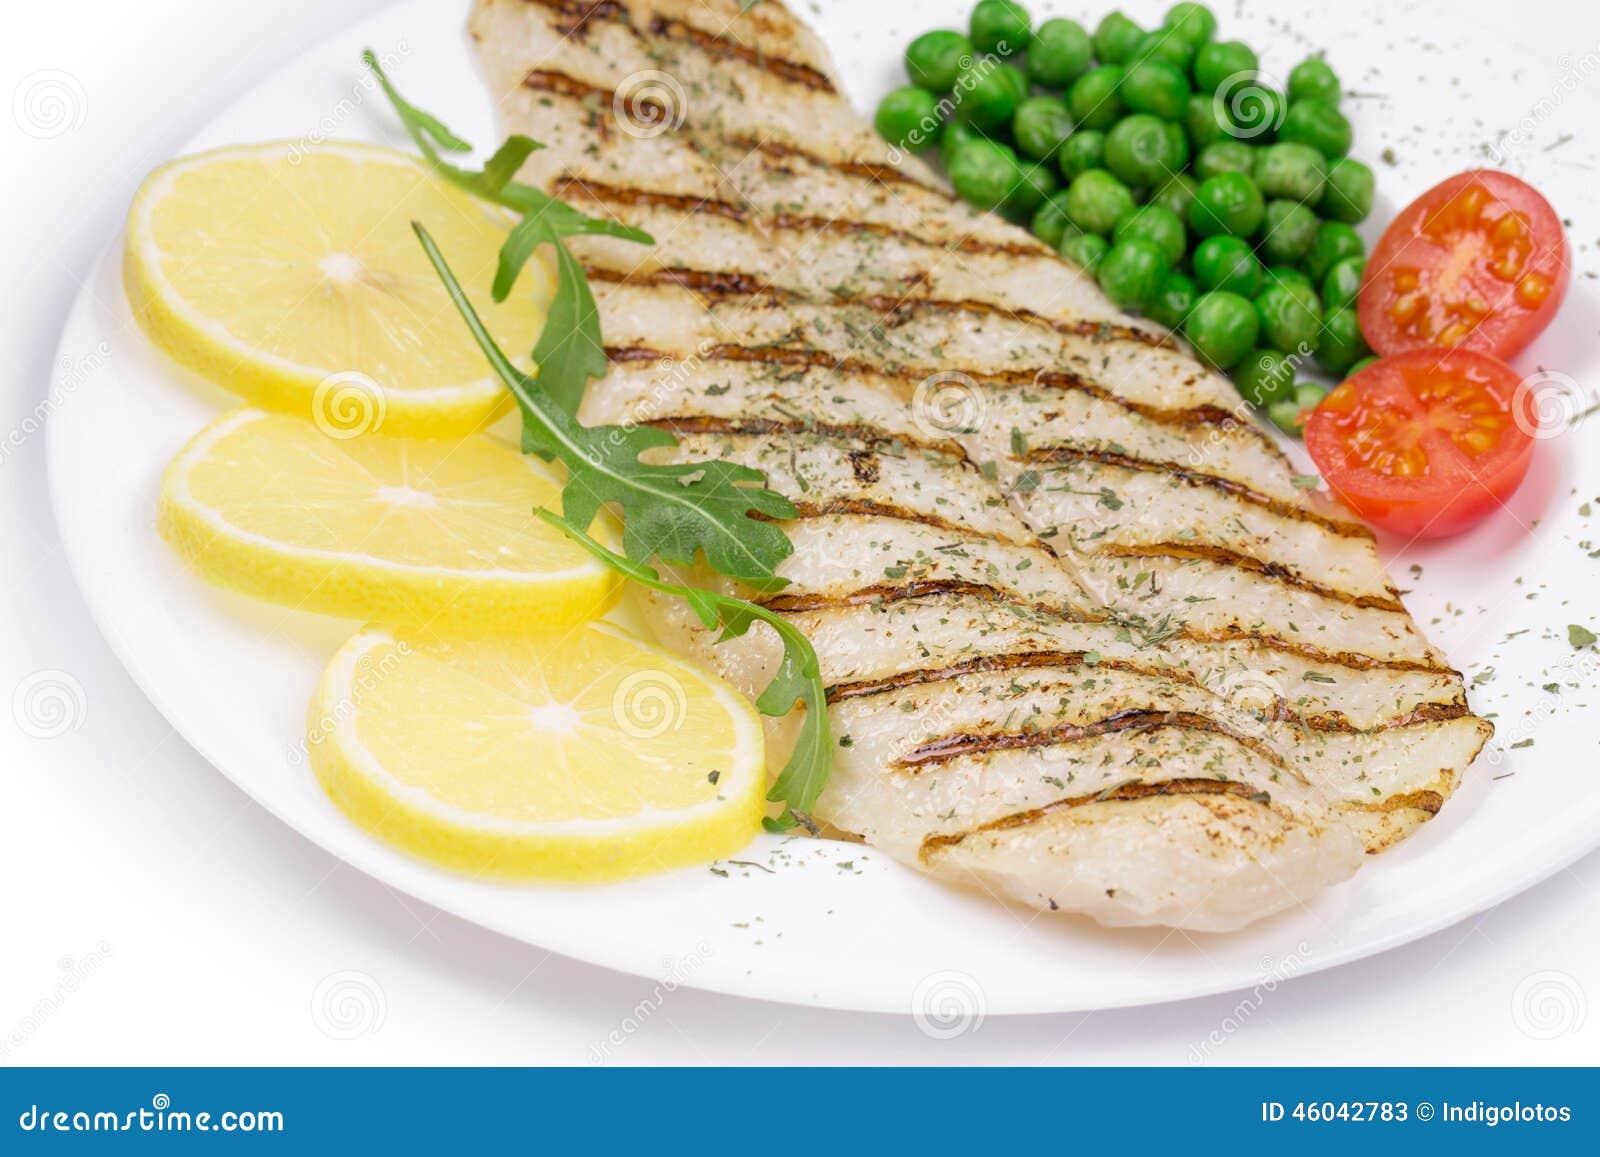 Filete de pescados asado a la parilla foto de archivo - Parrillas para pescado ...